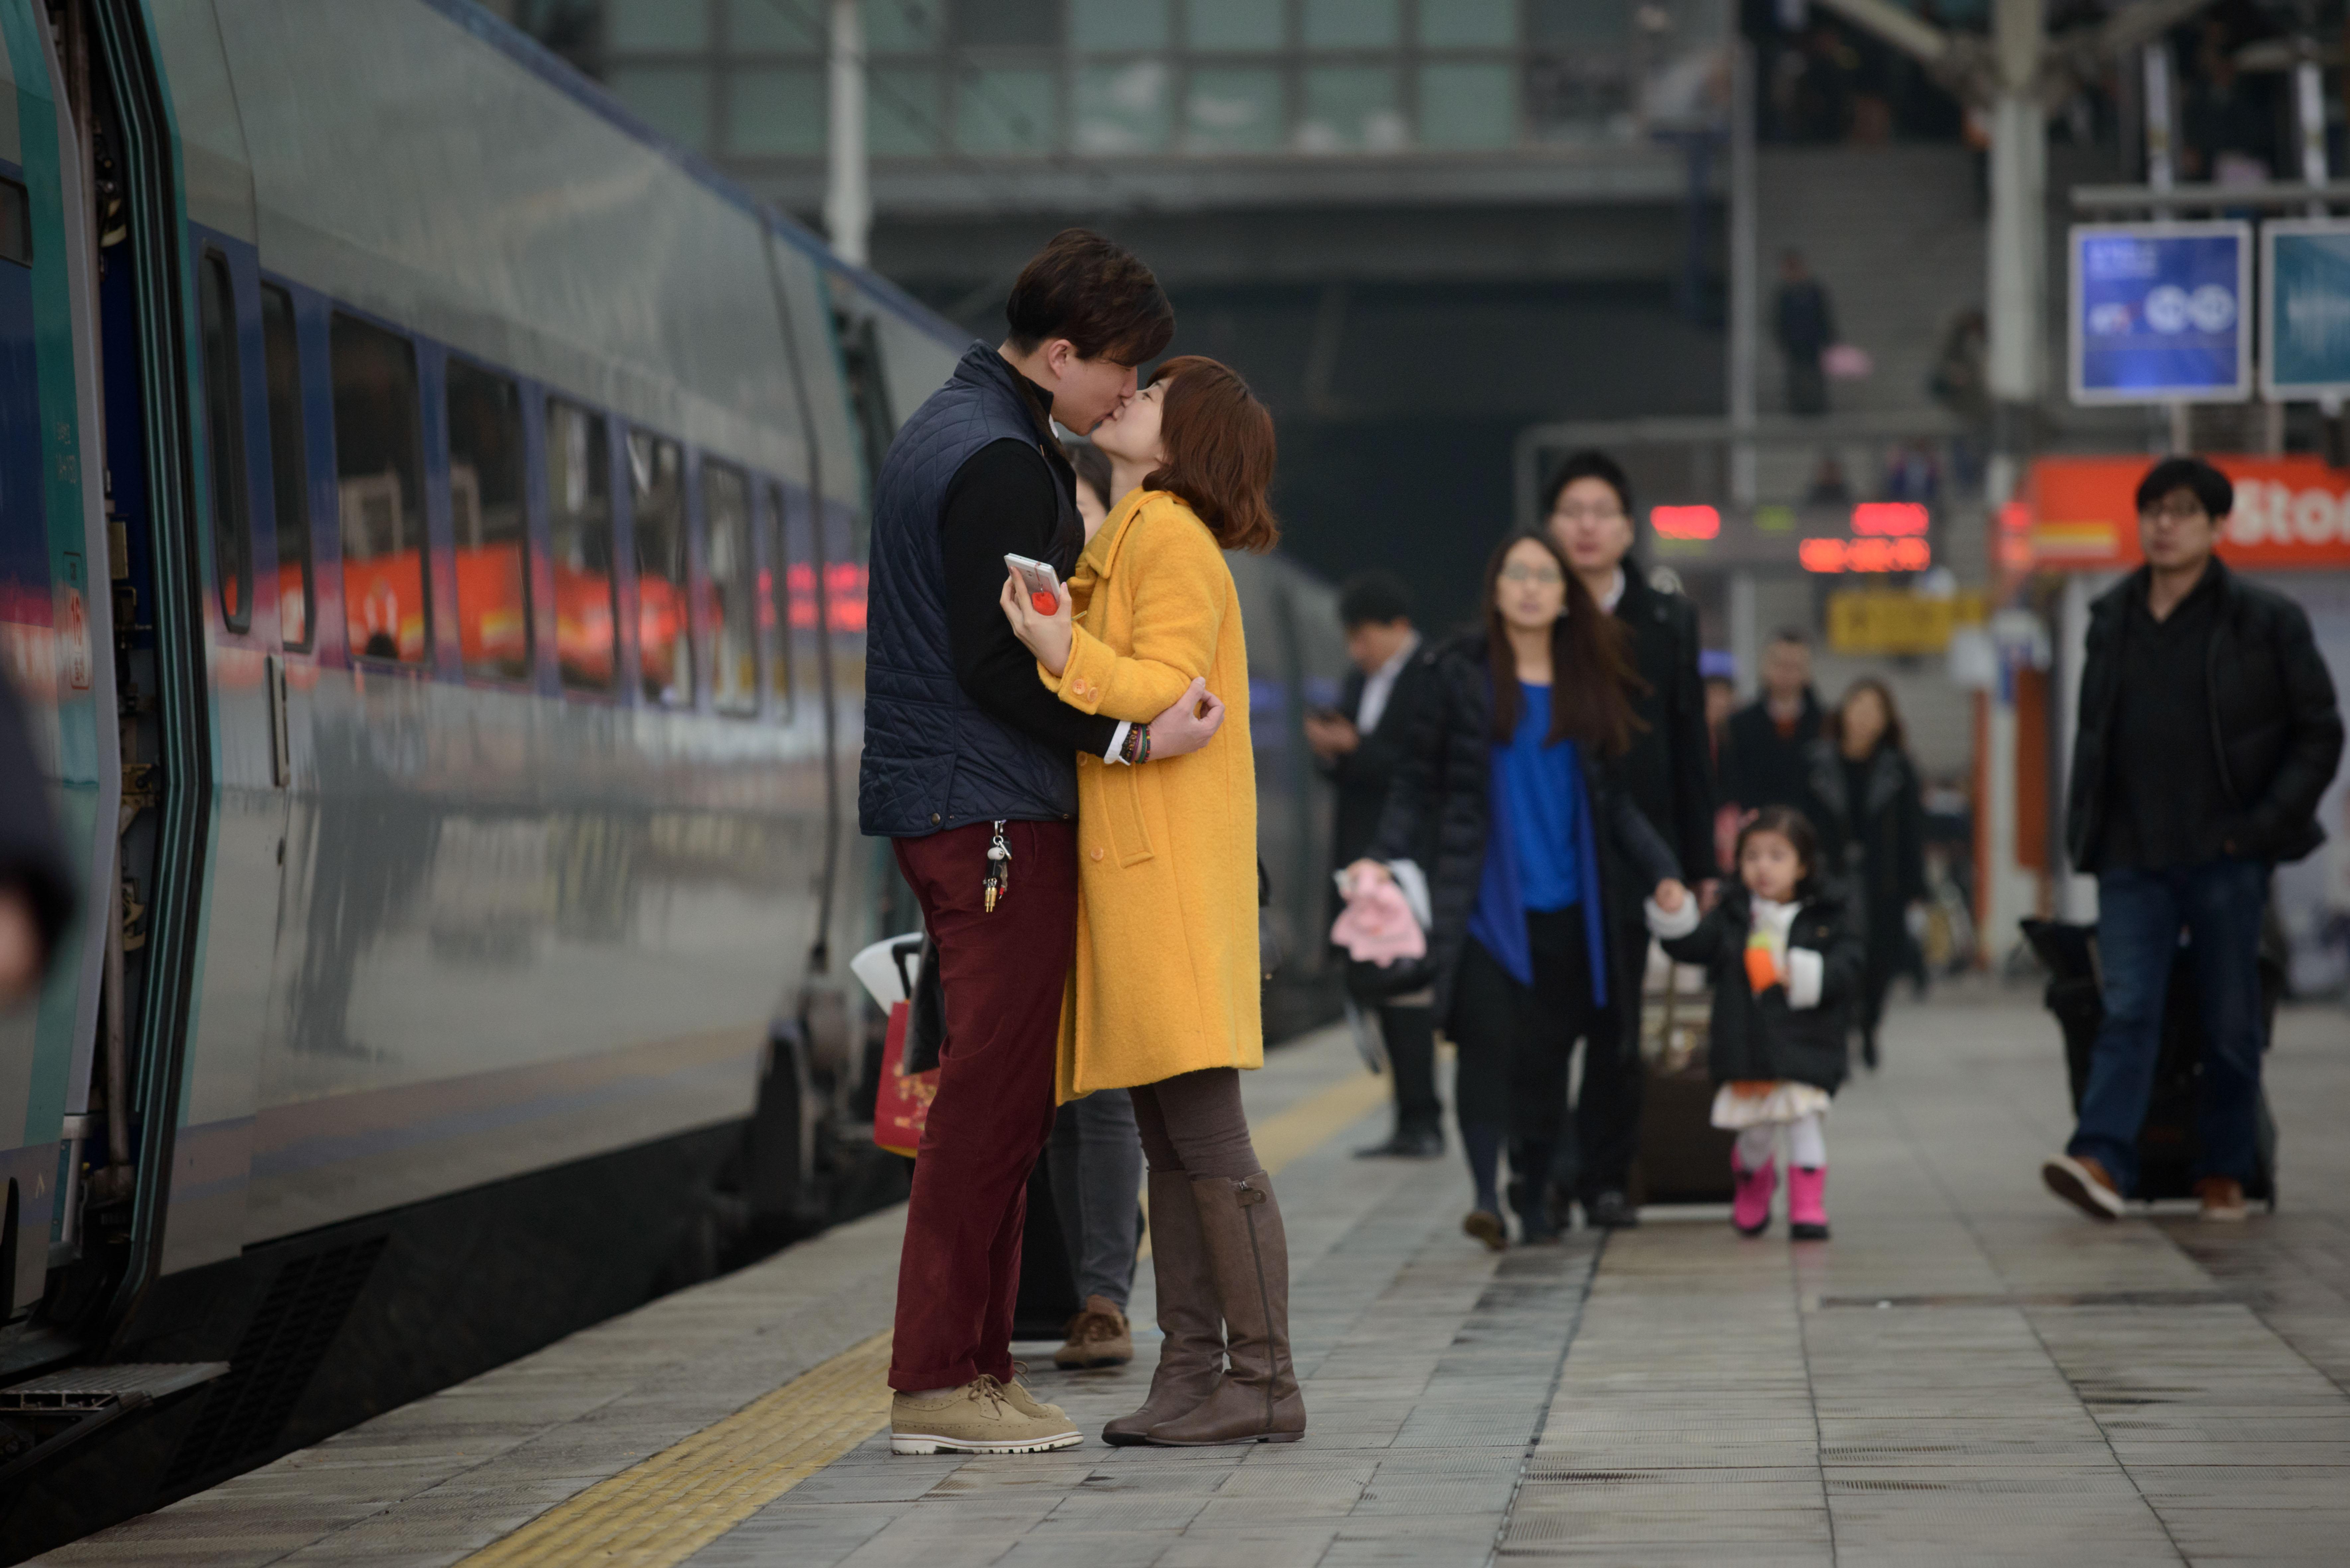 Organizza un appuntamento romantico 'a distanza' per colmare la sua mancanza